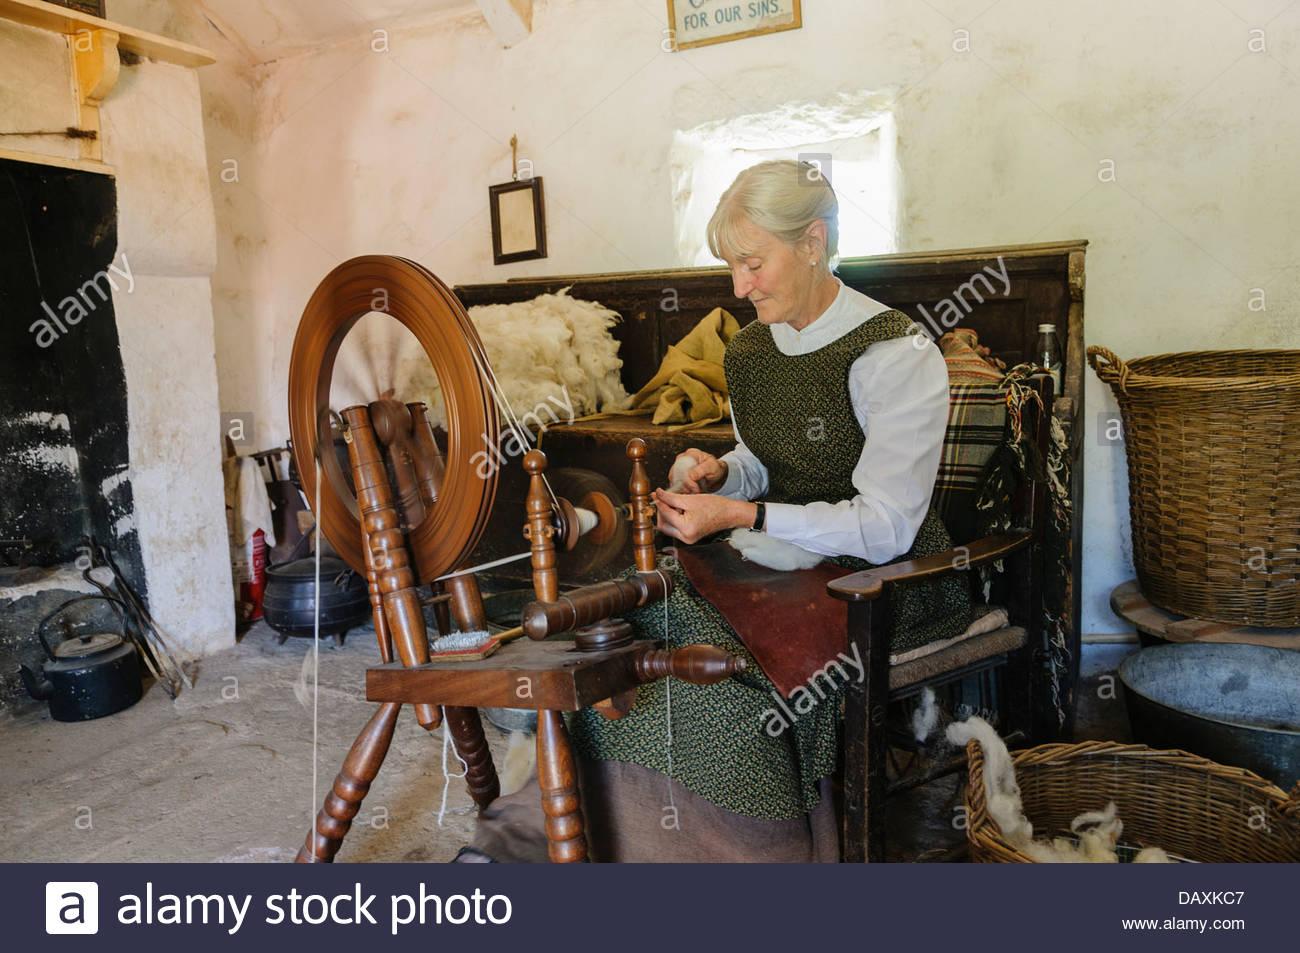 mujer-irlandesa-en-una-cabana-hilando-lana-daxkc7.jpg